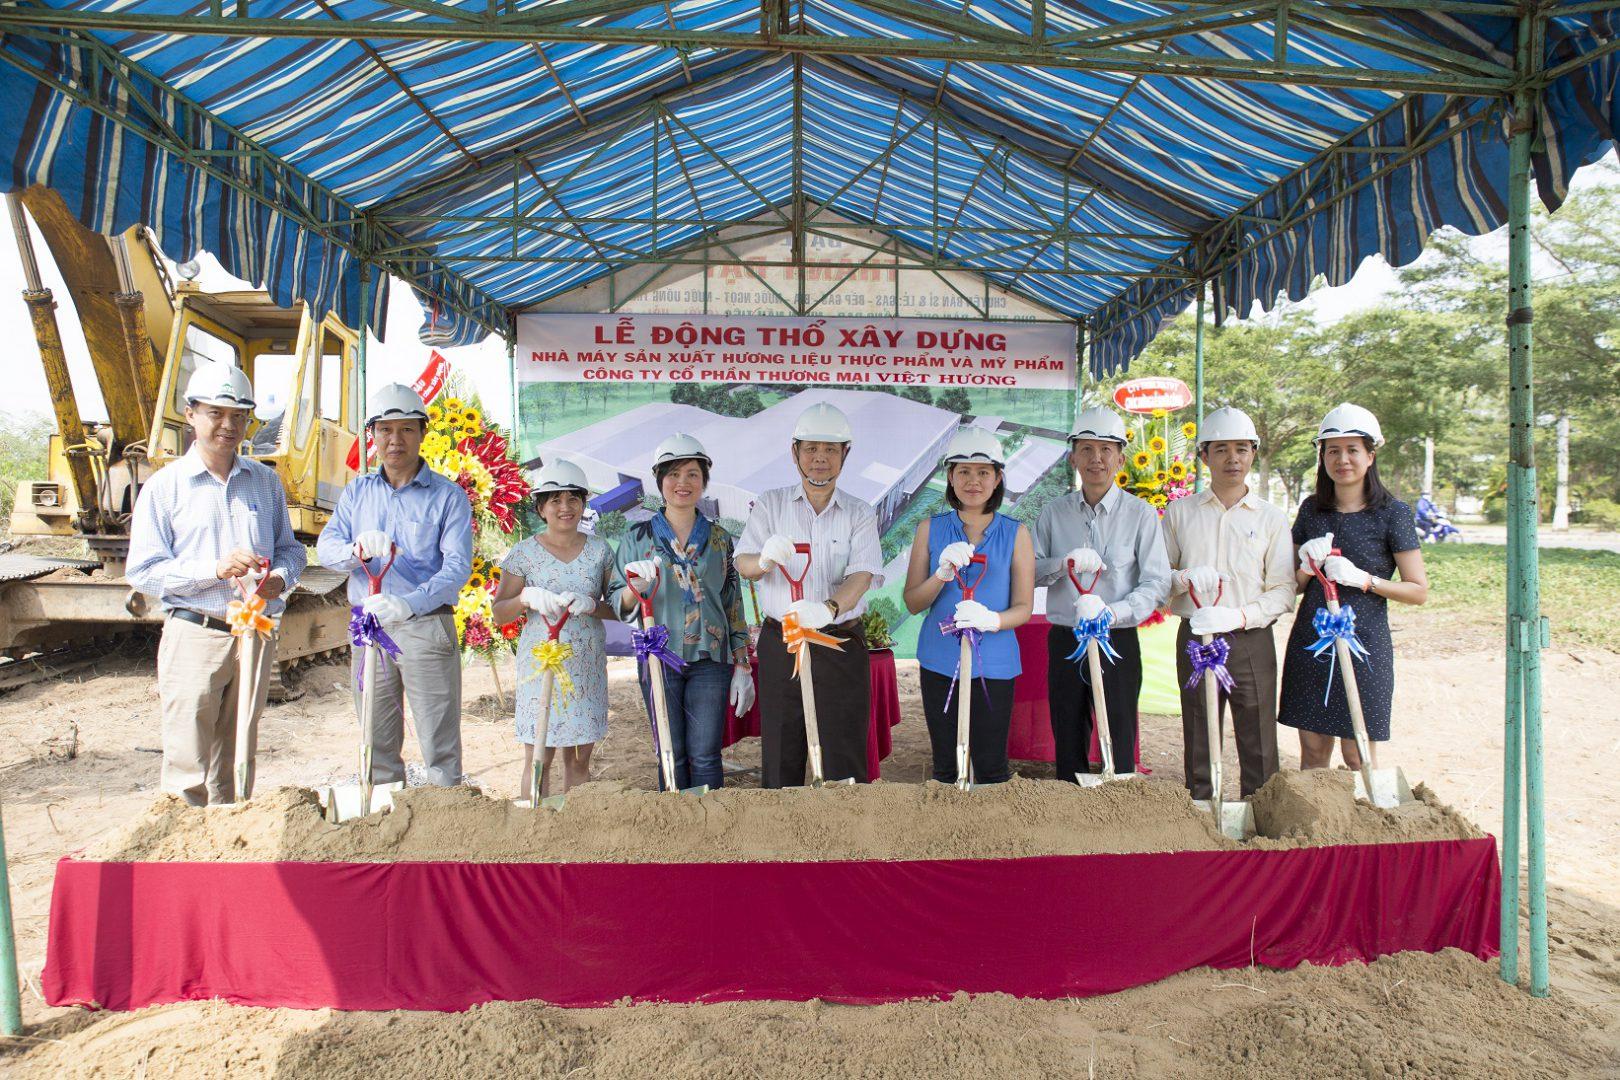 lễ động thổ xây dựng nhà máy hương liệu Việt Hương